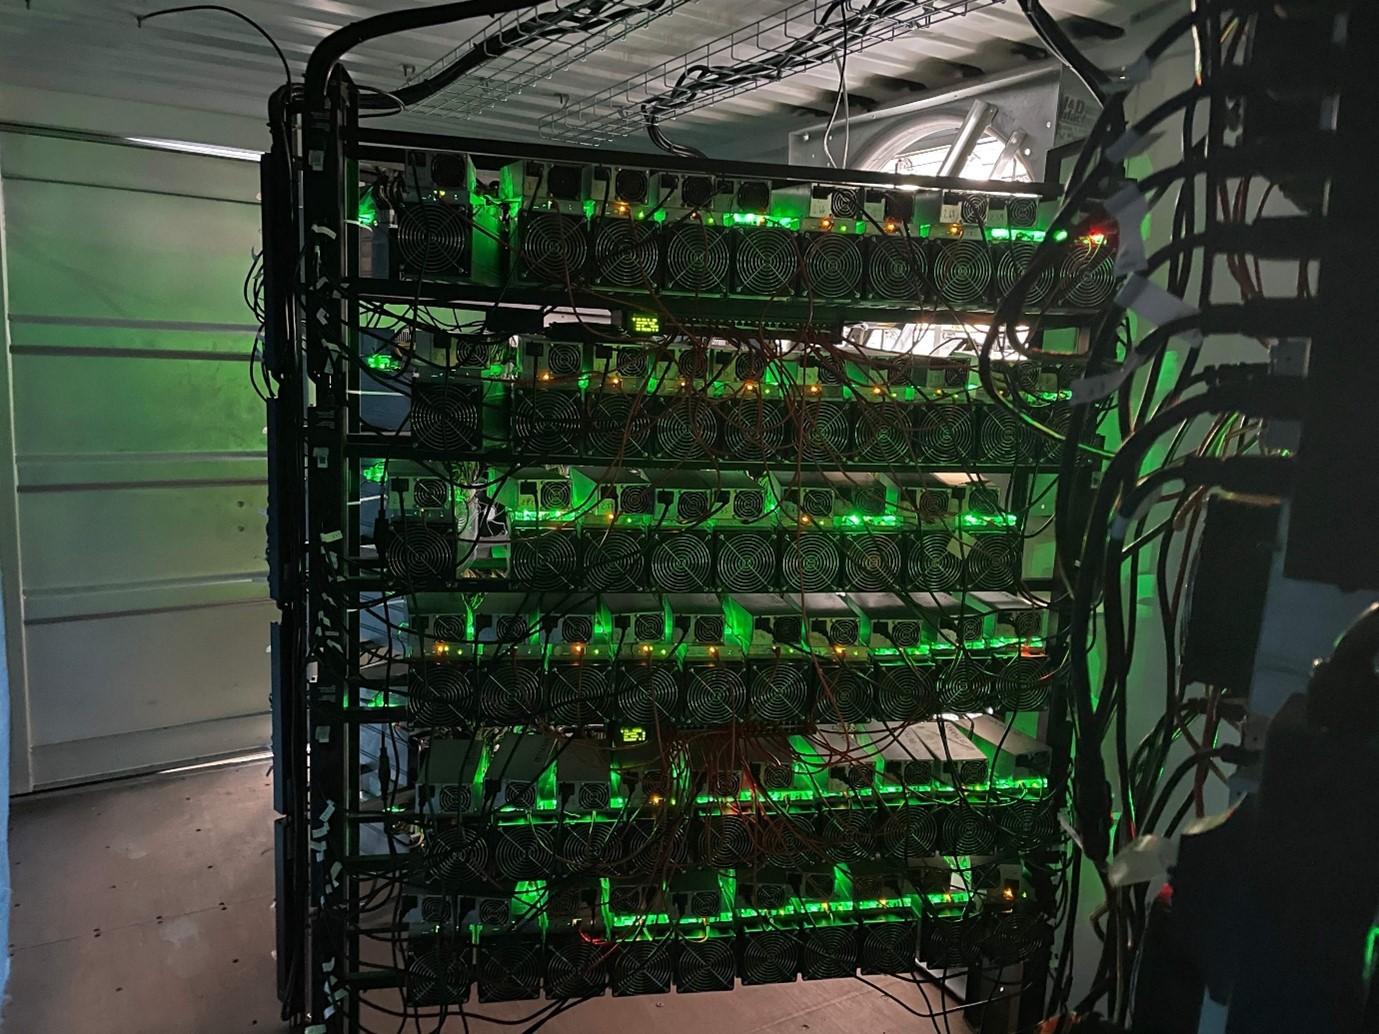 Một trung tâm dữ liệu chuyên đào tiền Bitcoin đặt gần một mỏ dầu ở phía bắc Texas tháng 5/2021. Ảnh: AFP.